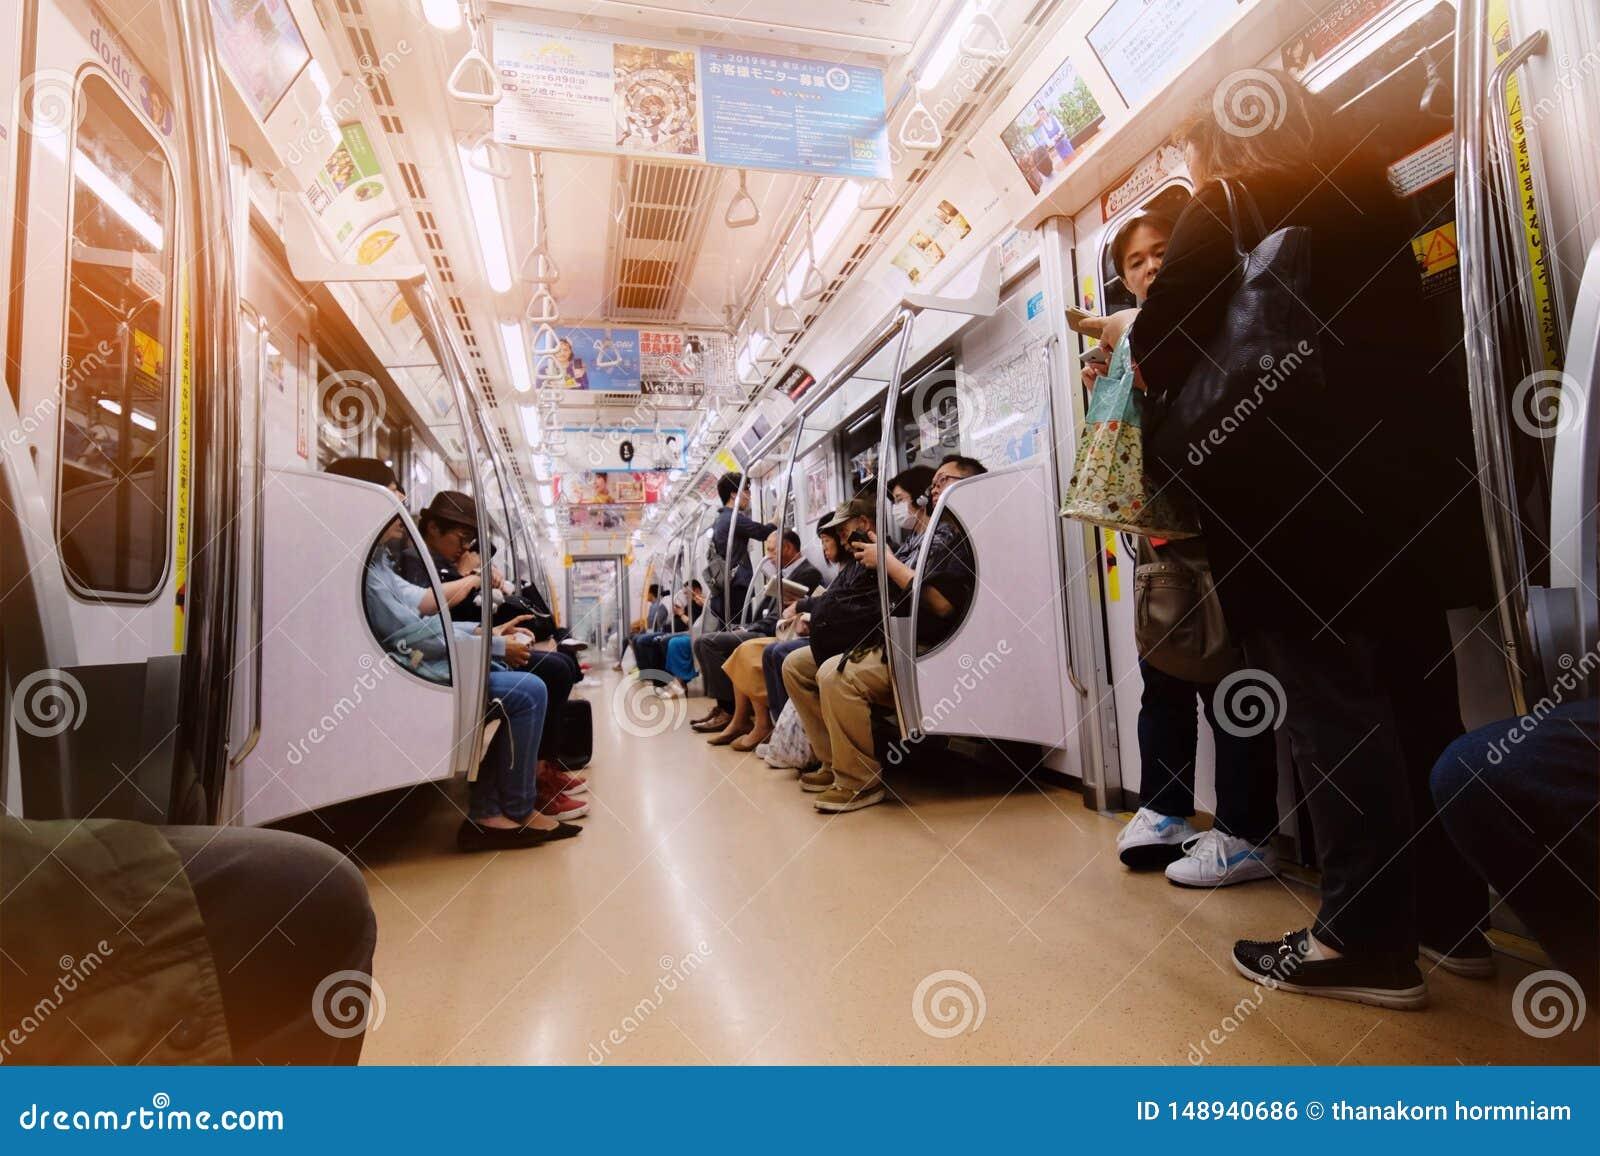 Ώρες κυκλοφοριακής αιχμής στο υπόγειο τρένο μετρό του Τόκιο